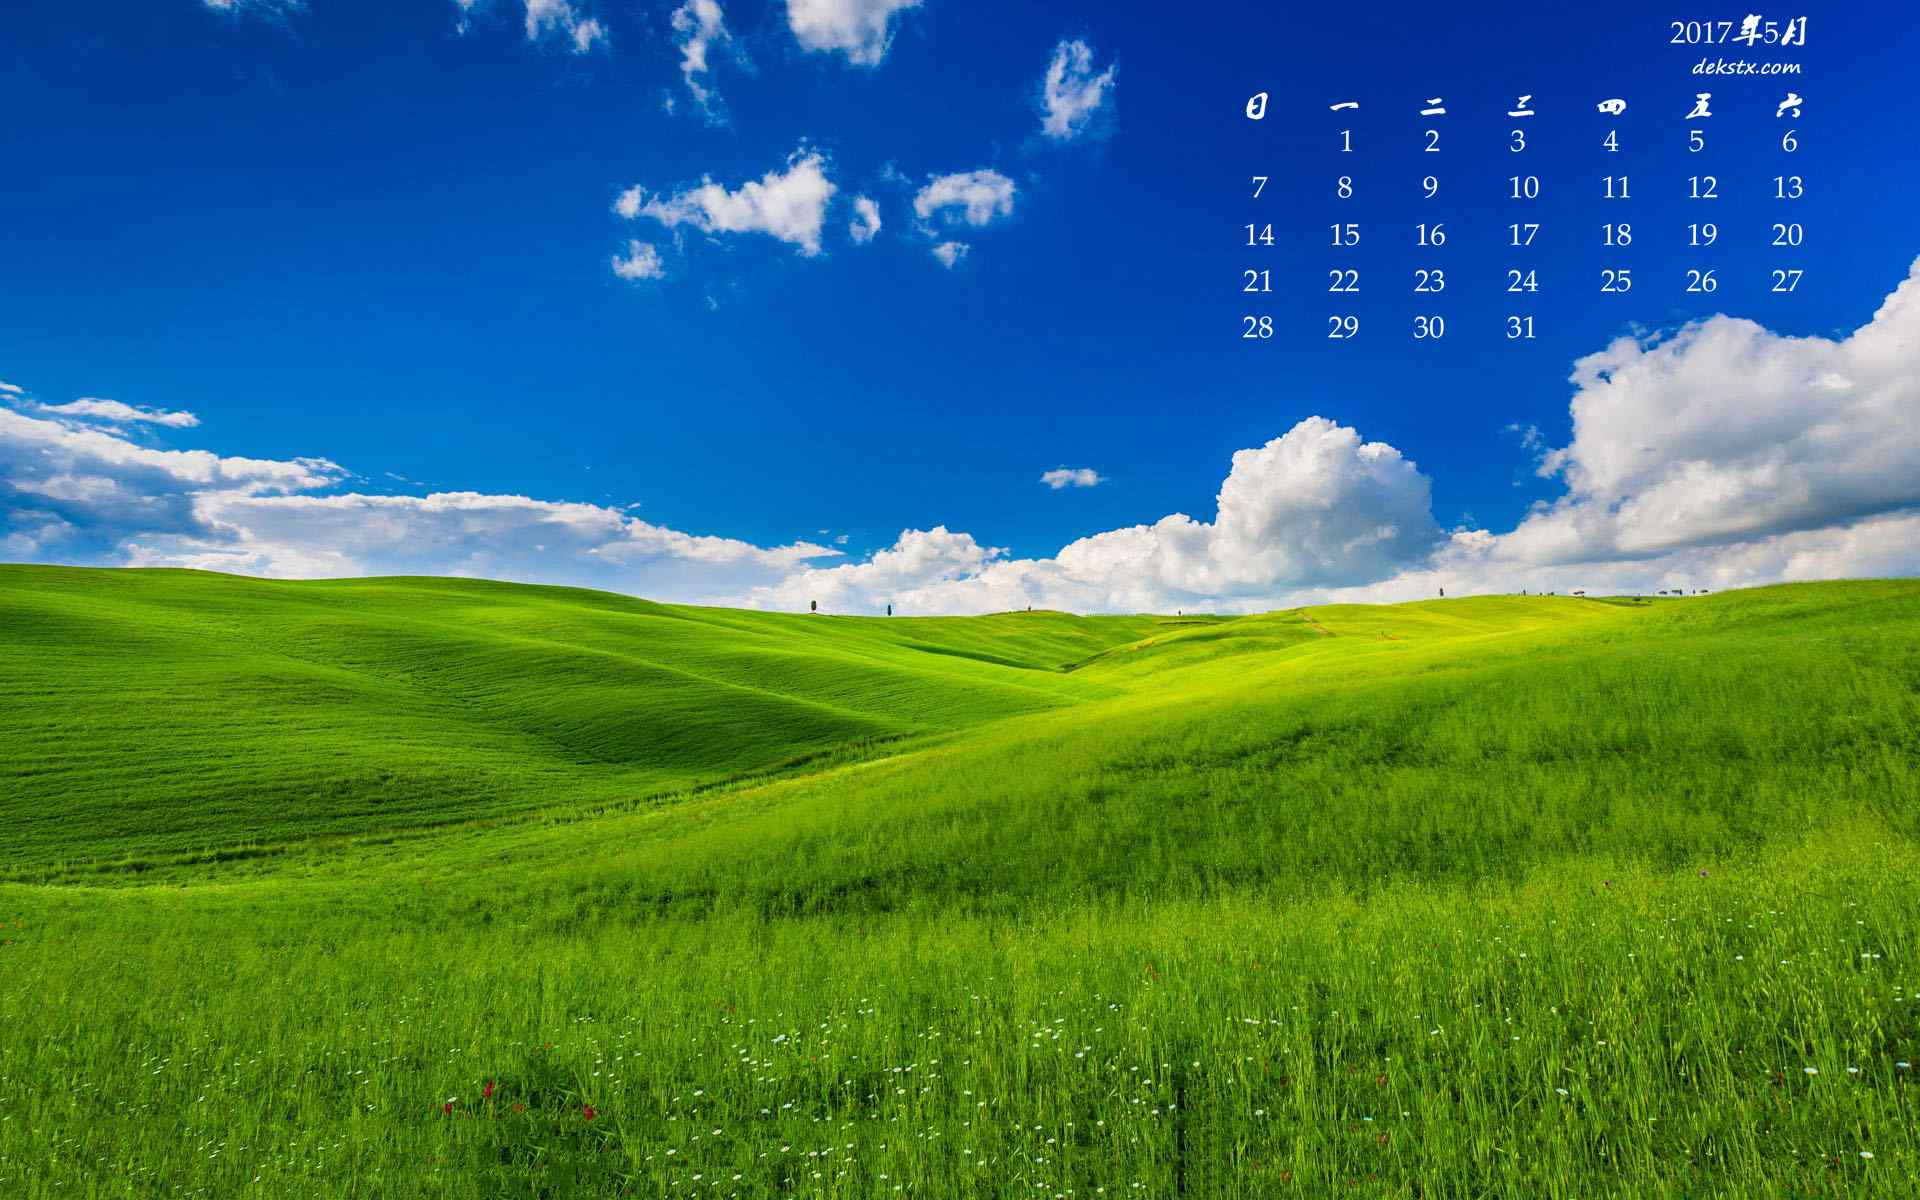 2017年5月绿色风景护眼高清日历壁纸